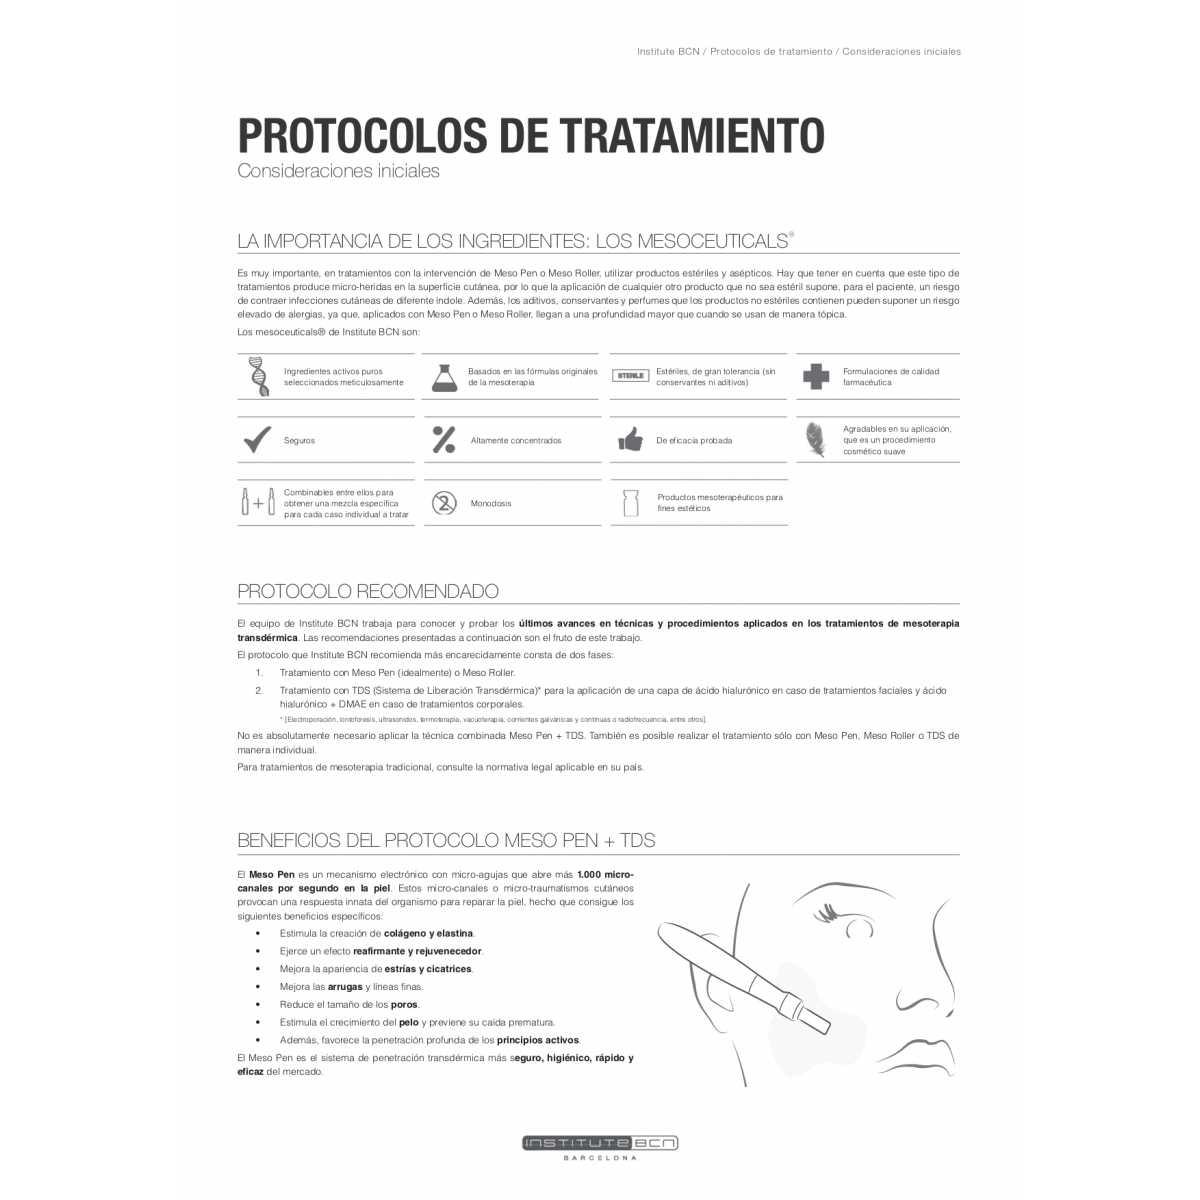 Biotina - Fiale Soluzione Nutritiva - Principi attivi - Institute BCN